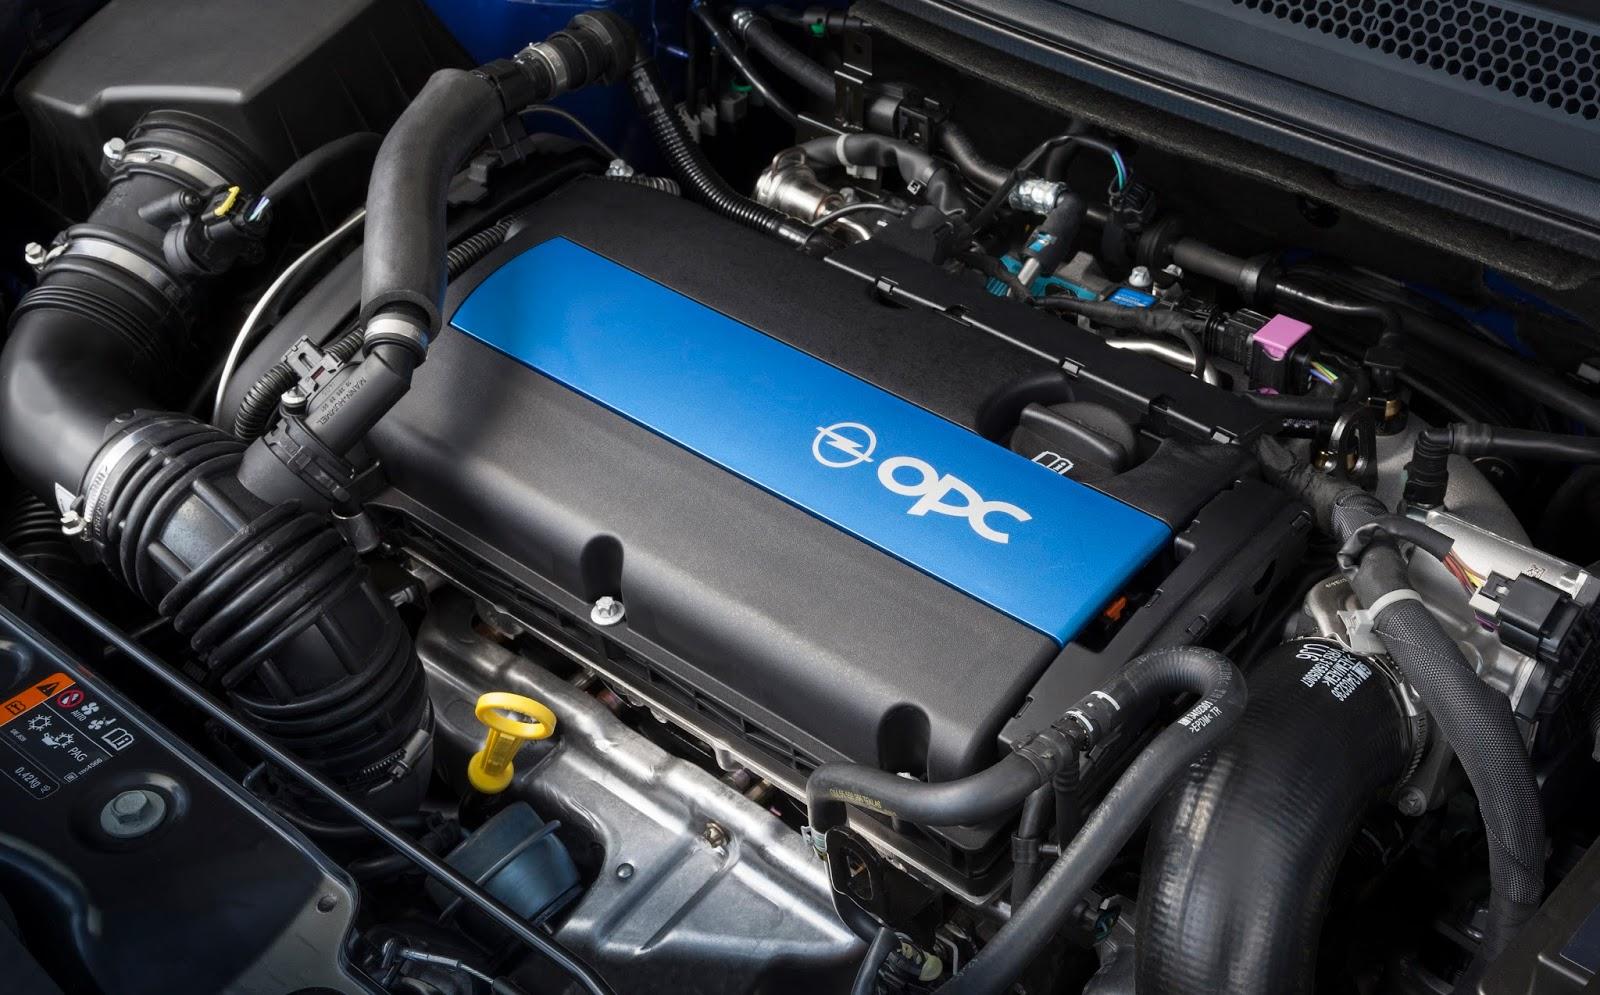 Opel Corsa OPC Technology 294301 Opel Corsa Opc :Πύραυλος τσέπης με 207 άλογα από 1600 κυβ.εκ Corsa, Corsa OPC, Opel, Opel Corsa OPC